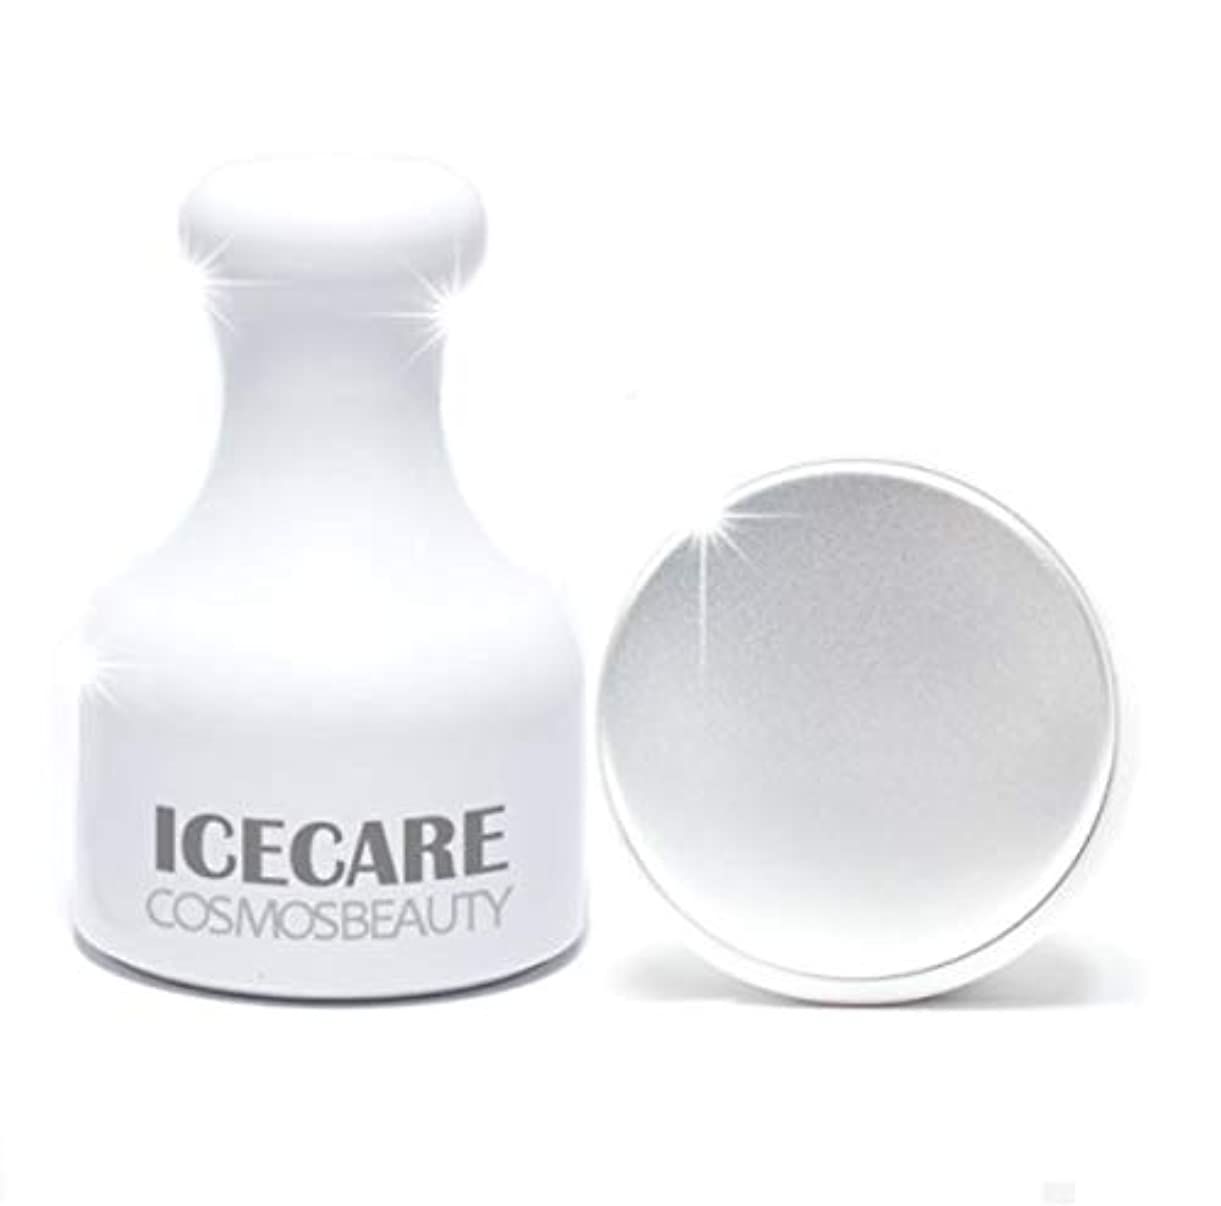 面倒単なるシアーCosmosbeauty Ice Care 毛穴ケア、冷マッサージ,フェイスクーラーアイスローラーフェイスローラー顔マッサージ機構の腫れ抜き方法毛穴縮小(海外直送品)